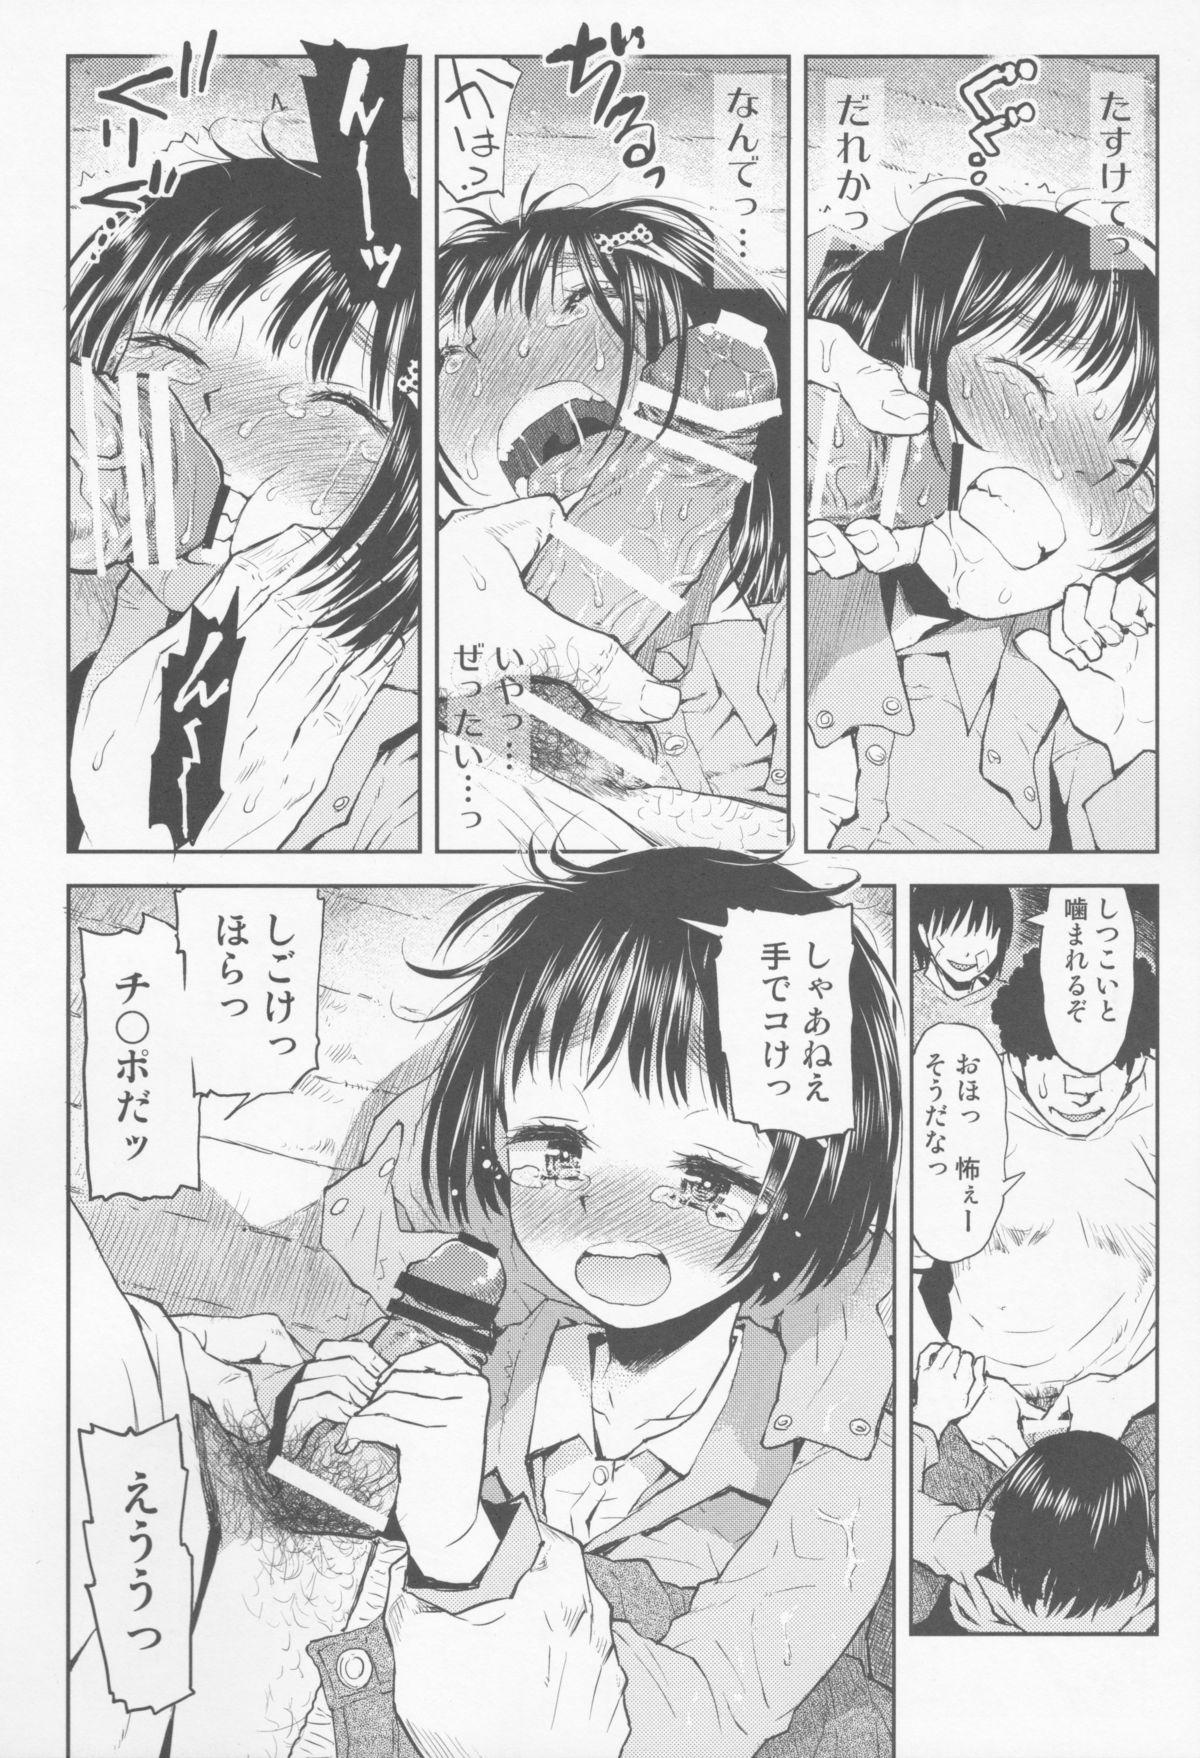 Tenchou no Musume 9